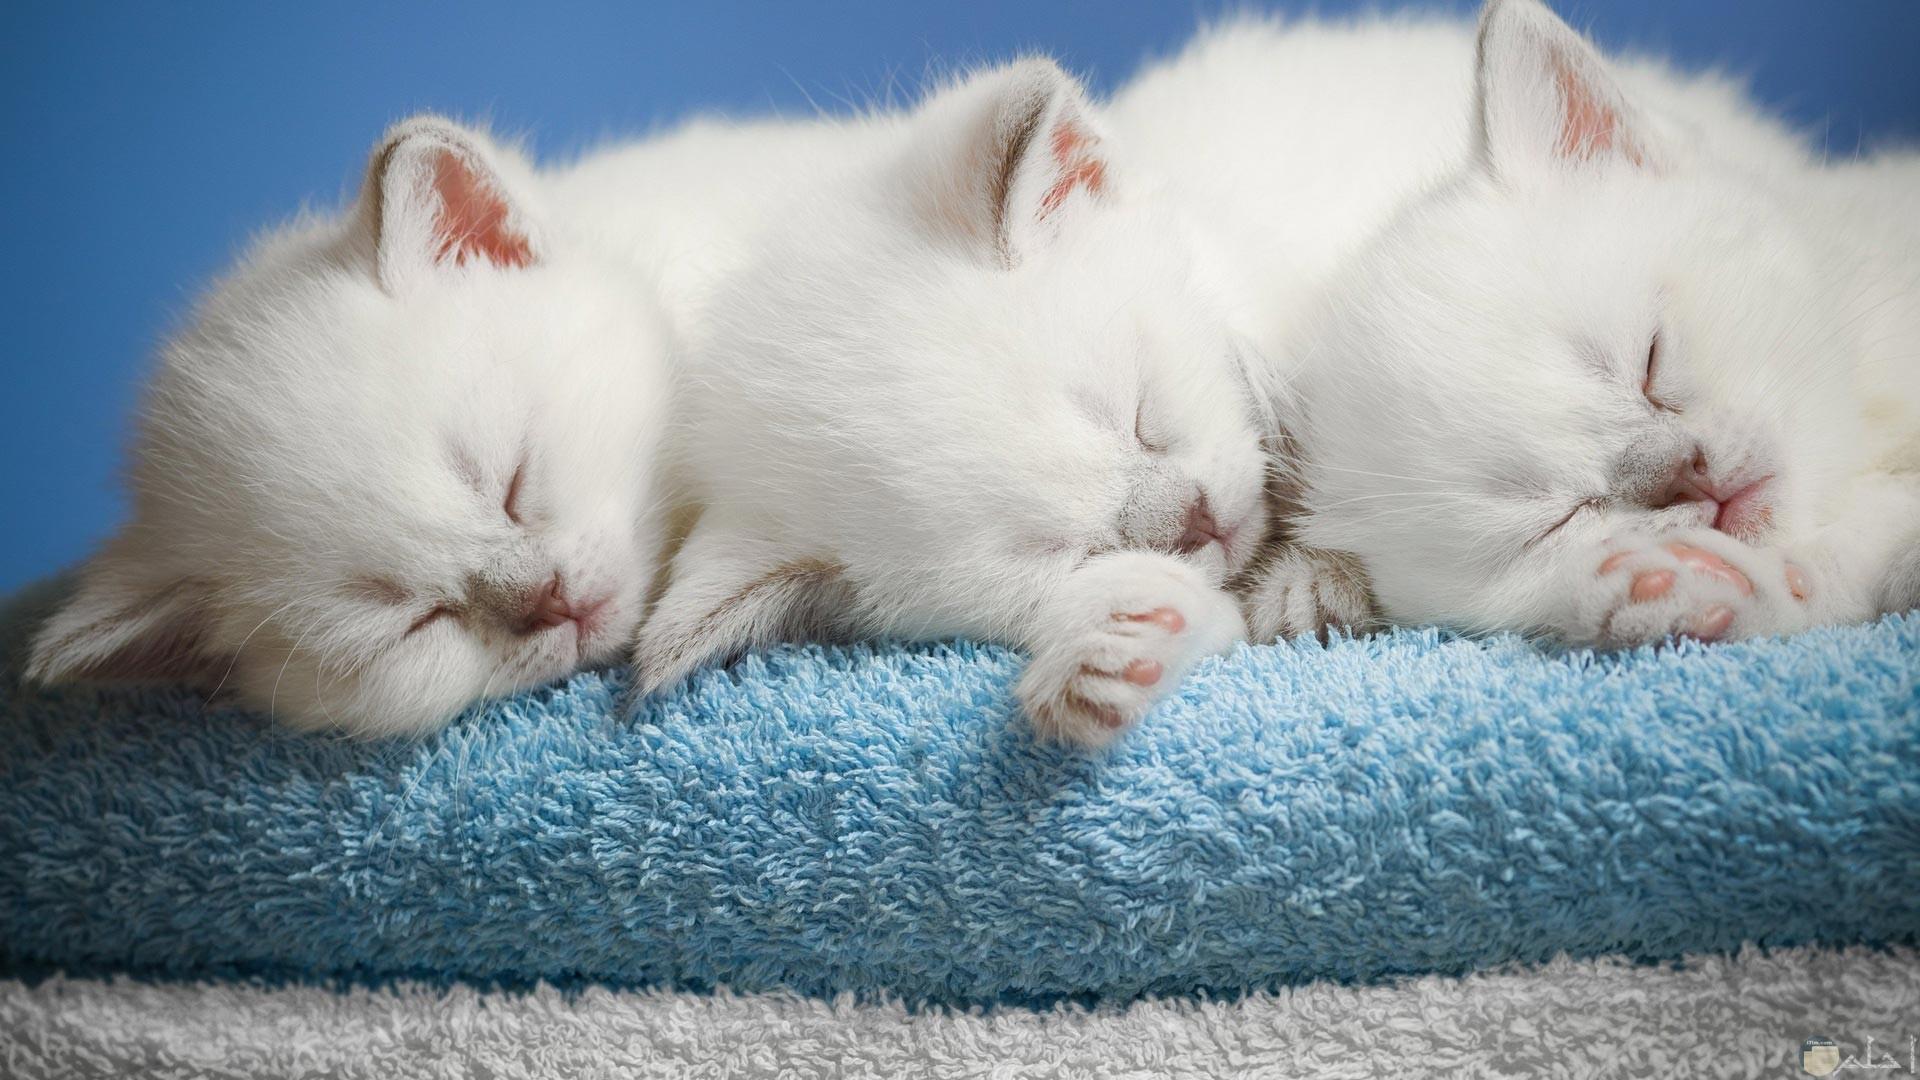 صورة تجمع ثلاث قطط فى حالة نوم.